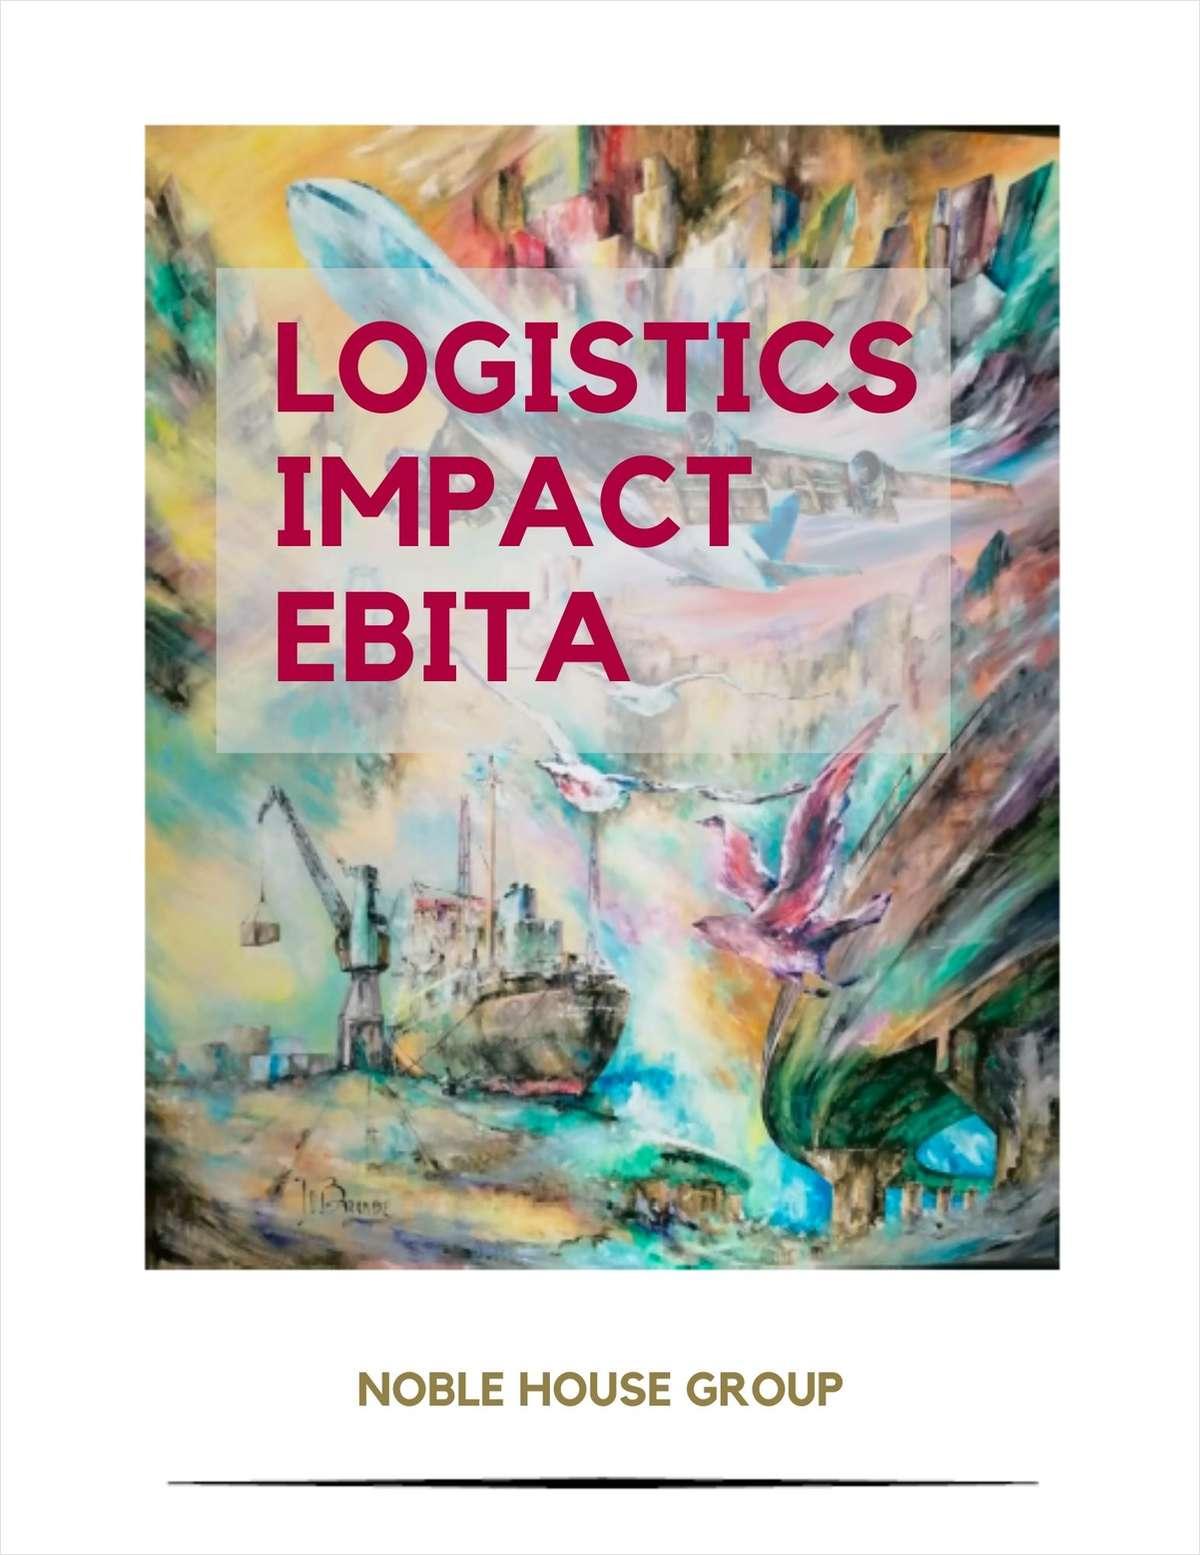 Logistics Impact EBITA